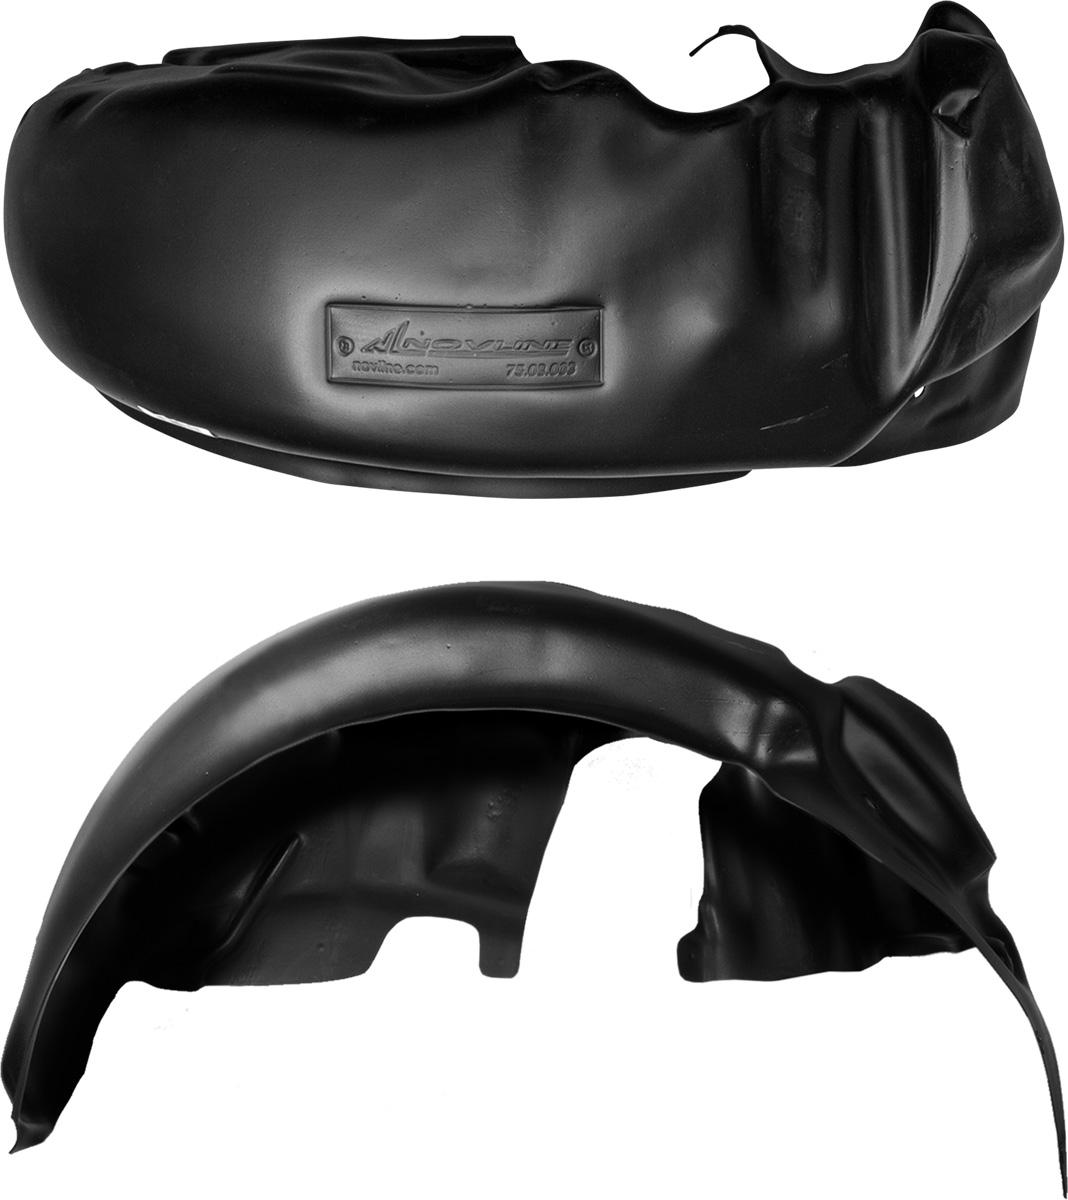 Подкрылок Novline-Autofamily, для Mitsubishi L200, 2007, 2010-> с расширителями арок, передний правыйDAVC150Колесные ниши - одни из самых уязвимых зон днища вашего автомобиля. Они постоянно подвергаются воздействию со стороны дороги. Лучшая, почти абсолютная защита для них - специально отформованные пластиковые кожухи, которые называются подкрылками. Производятся они как для отечественных моделей автомобилей, так и для иномарок. Подкрылки Novline-Autofamily выполнены из высококачественного, экологически чистого пластика. Обеспечивают надежную защиту кузова автомобиля от пескоструйного эффекта и негативного влияния, агрессивных антигололедных реагентов. Пластик обладает более низкой теплопроводностью, чем металл, поэтому в зимний период эксплуатации использование пластиковых подкрылков позволяет лучше защитить колесные ниши от налипания снега и образования наледи. Оригинальность конструкции подчеркивает элегантность автомобиля, бережно защищает нанесенное на днище кузова антикоррозийное покрытие и позволяет осуществить крепление подкрылков внутри колесной арки практически без дополнительного крепежа и сверления, не нарушая при этом лакокрасочного покрытия, что предотвращает возникновение новых очагов коррозии. Подкрылки долговечны, обладают высокой прочностью и сохраняют заданную форму, а также все свои физико-механические характеристики в самых тяжелых климатических условиях (от -50°С до +50°С).Уважаемые клиенты!Обращаем ваше внимание, на тот факт, что подкрылок имеет форму, соответствующую модели данного автомобиля. Фото служит для визуального восприятия товара.